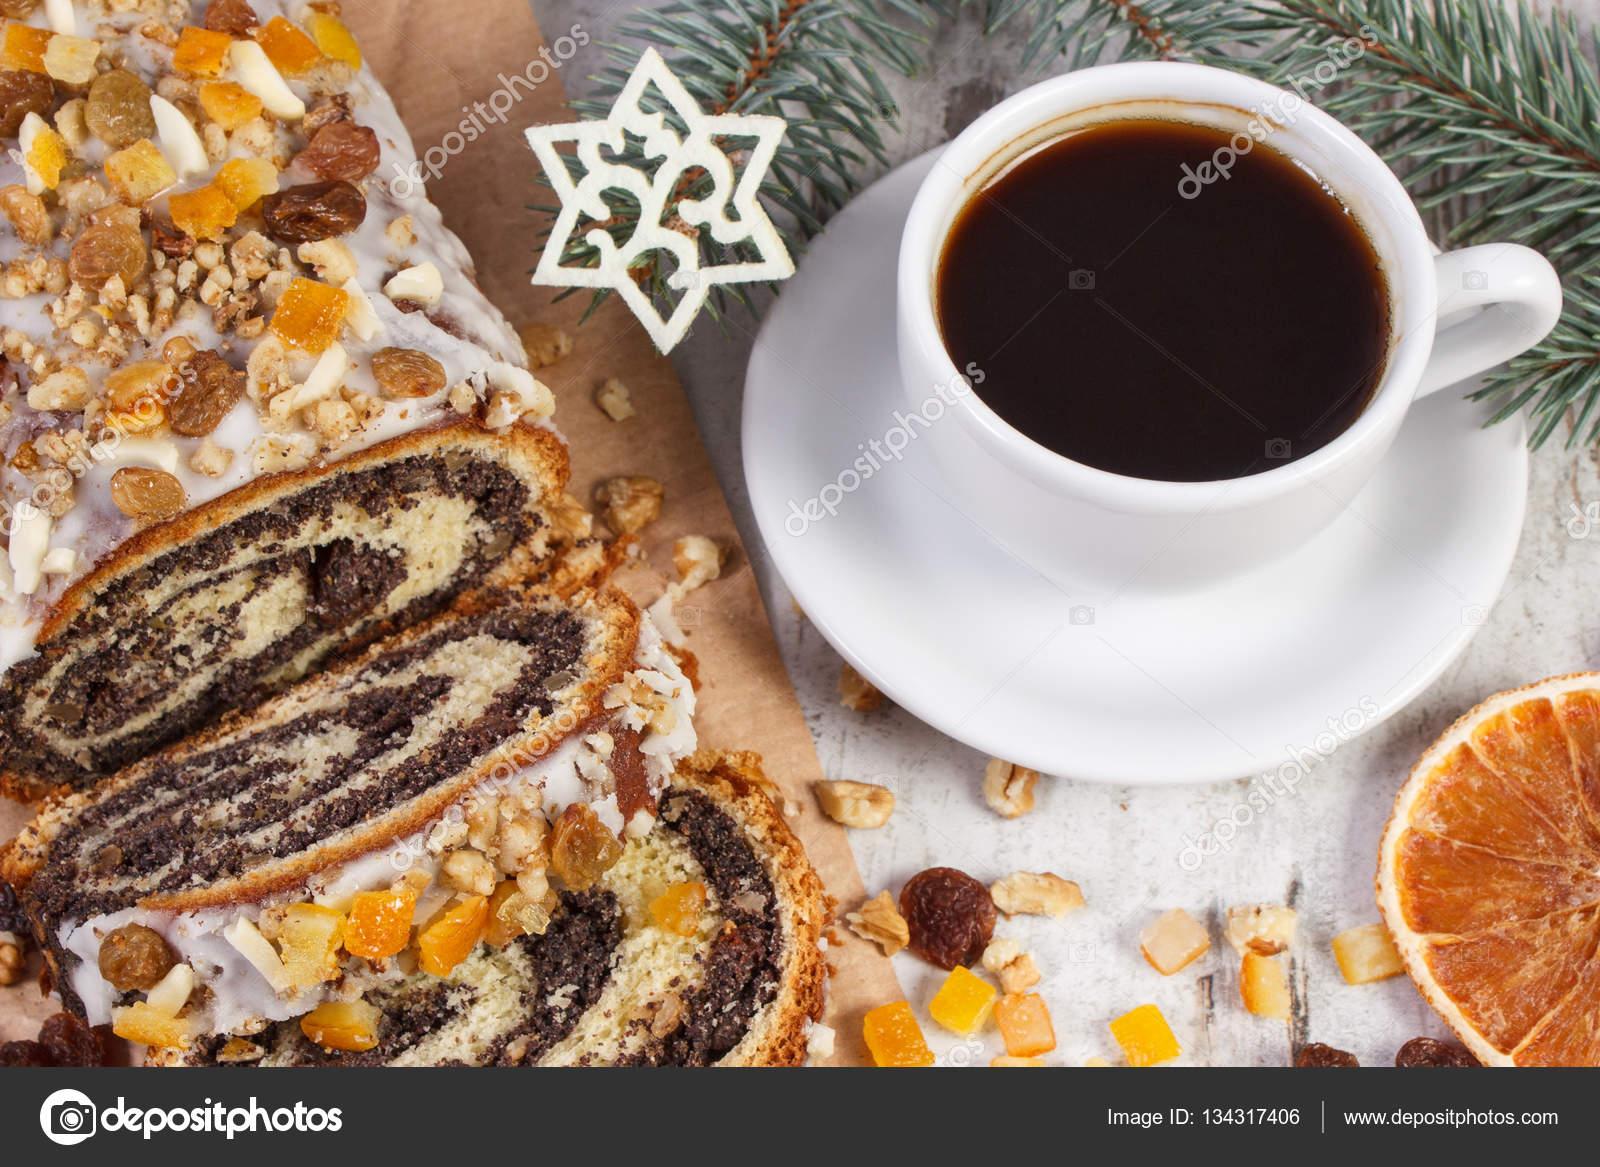 mohn kuchen tasse kaffee und fichte zweige dessert zu weihnachten stockfoto ratmaner. Black Bedroom Furniture Sets. Home Design Ideas